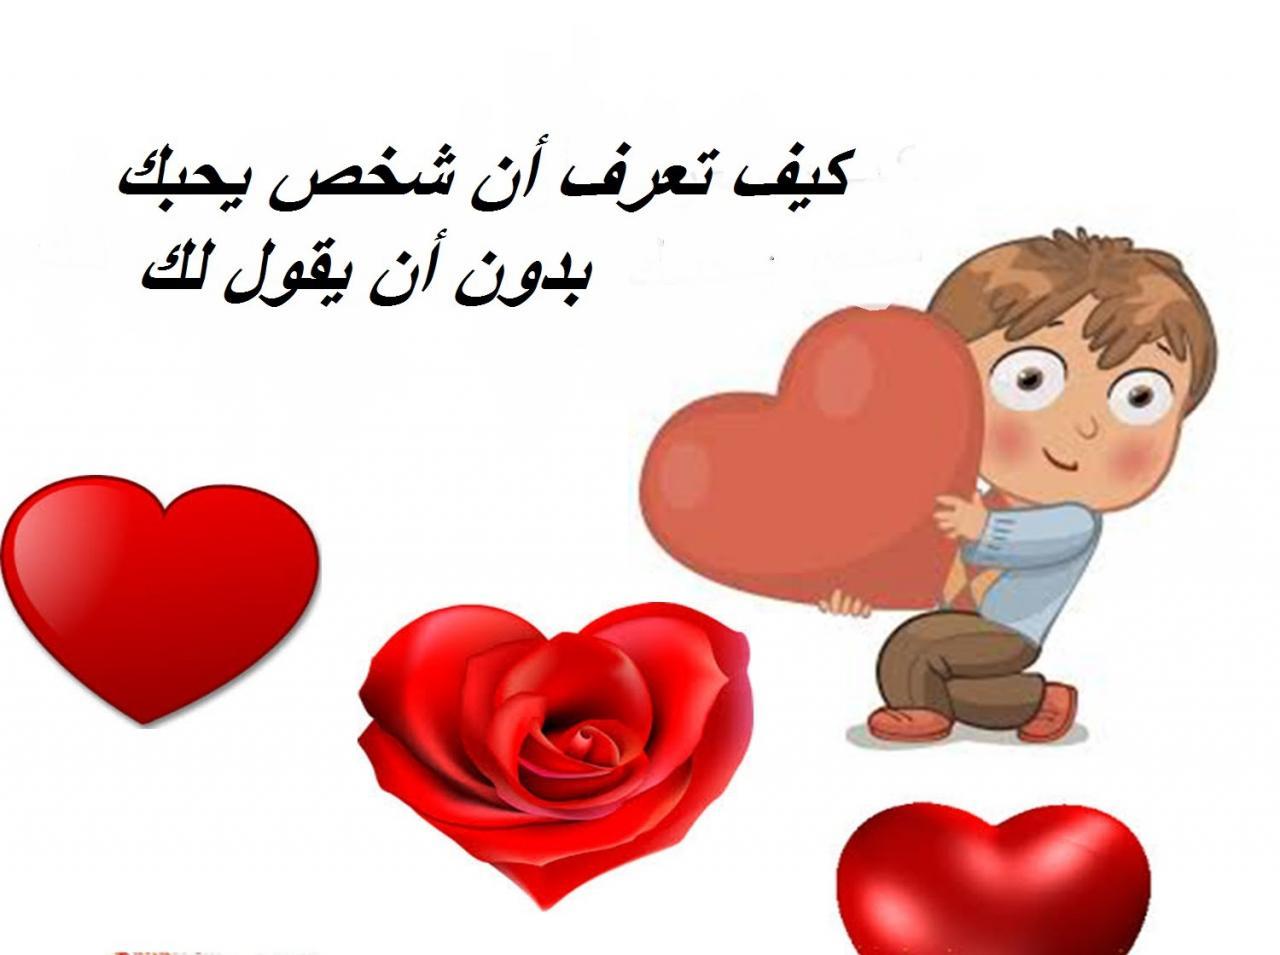 صورة كيف تعرفين انه يحبك , علامات تدل على ان هذا الشخص يحبك